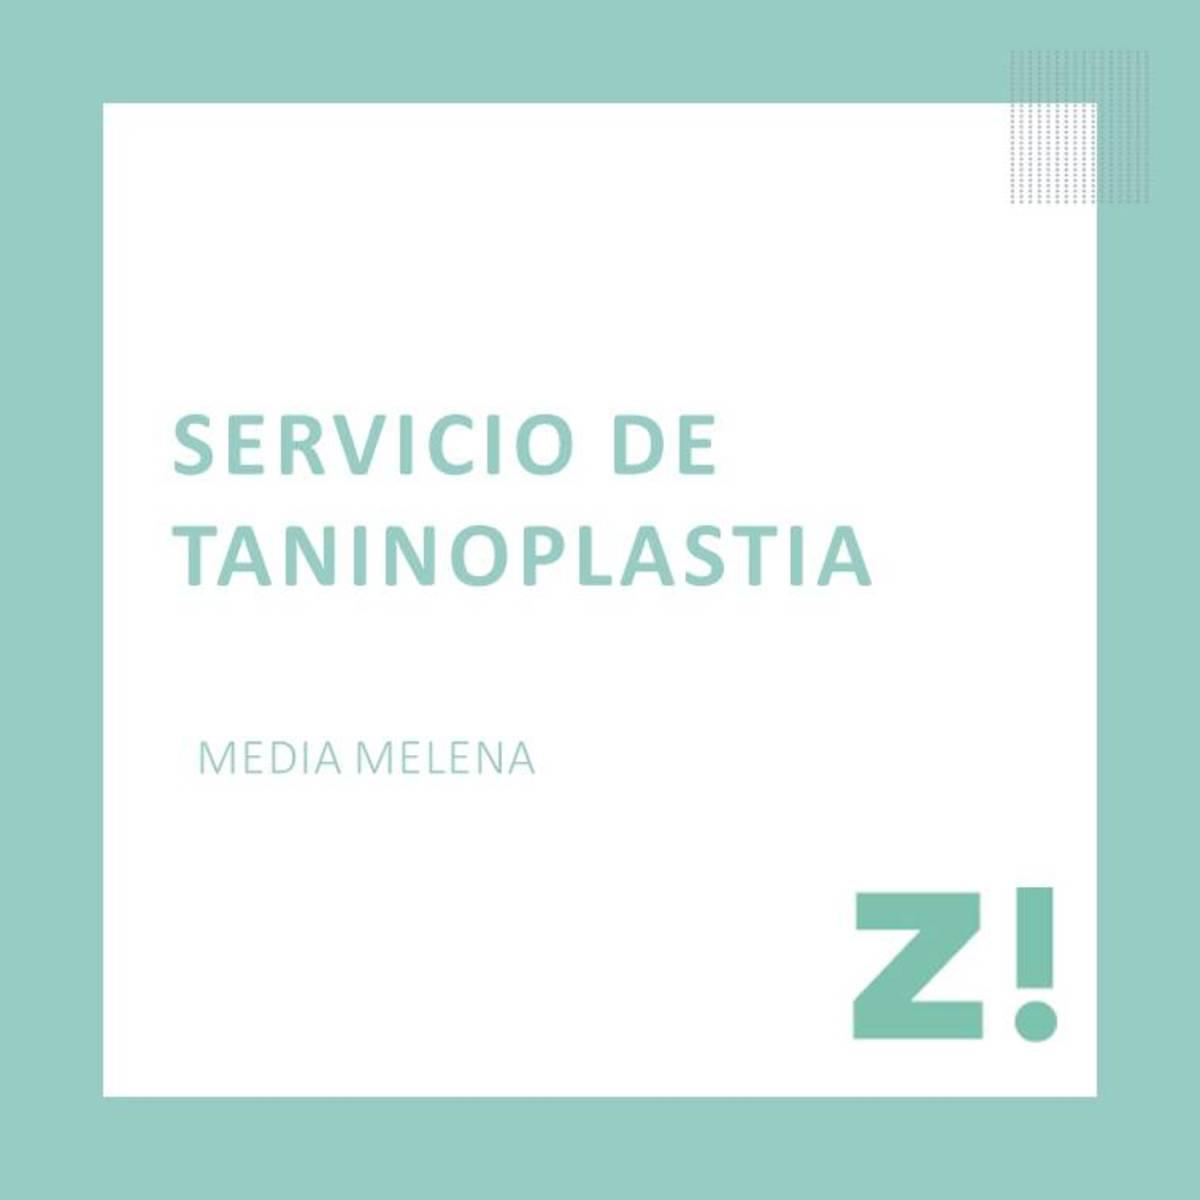 Taninoplastia media melena